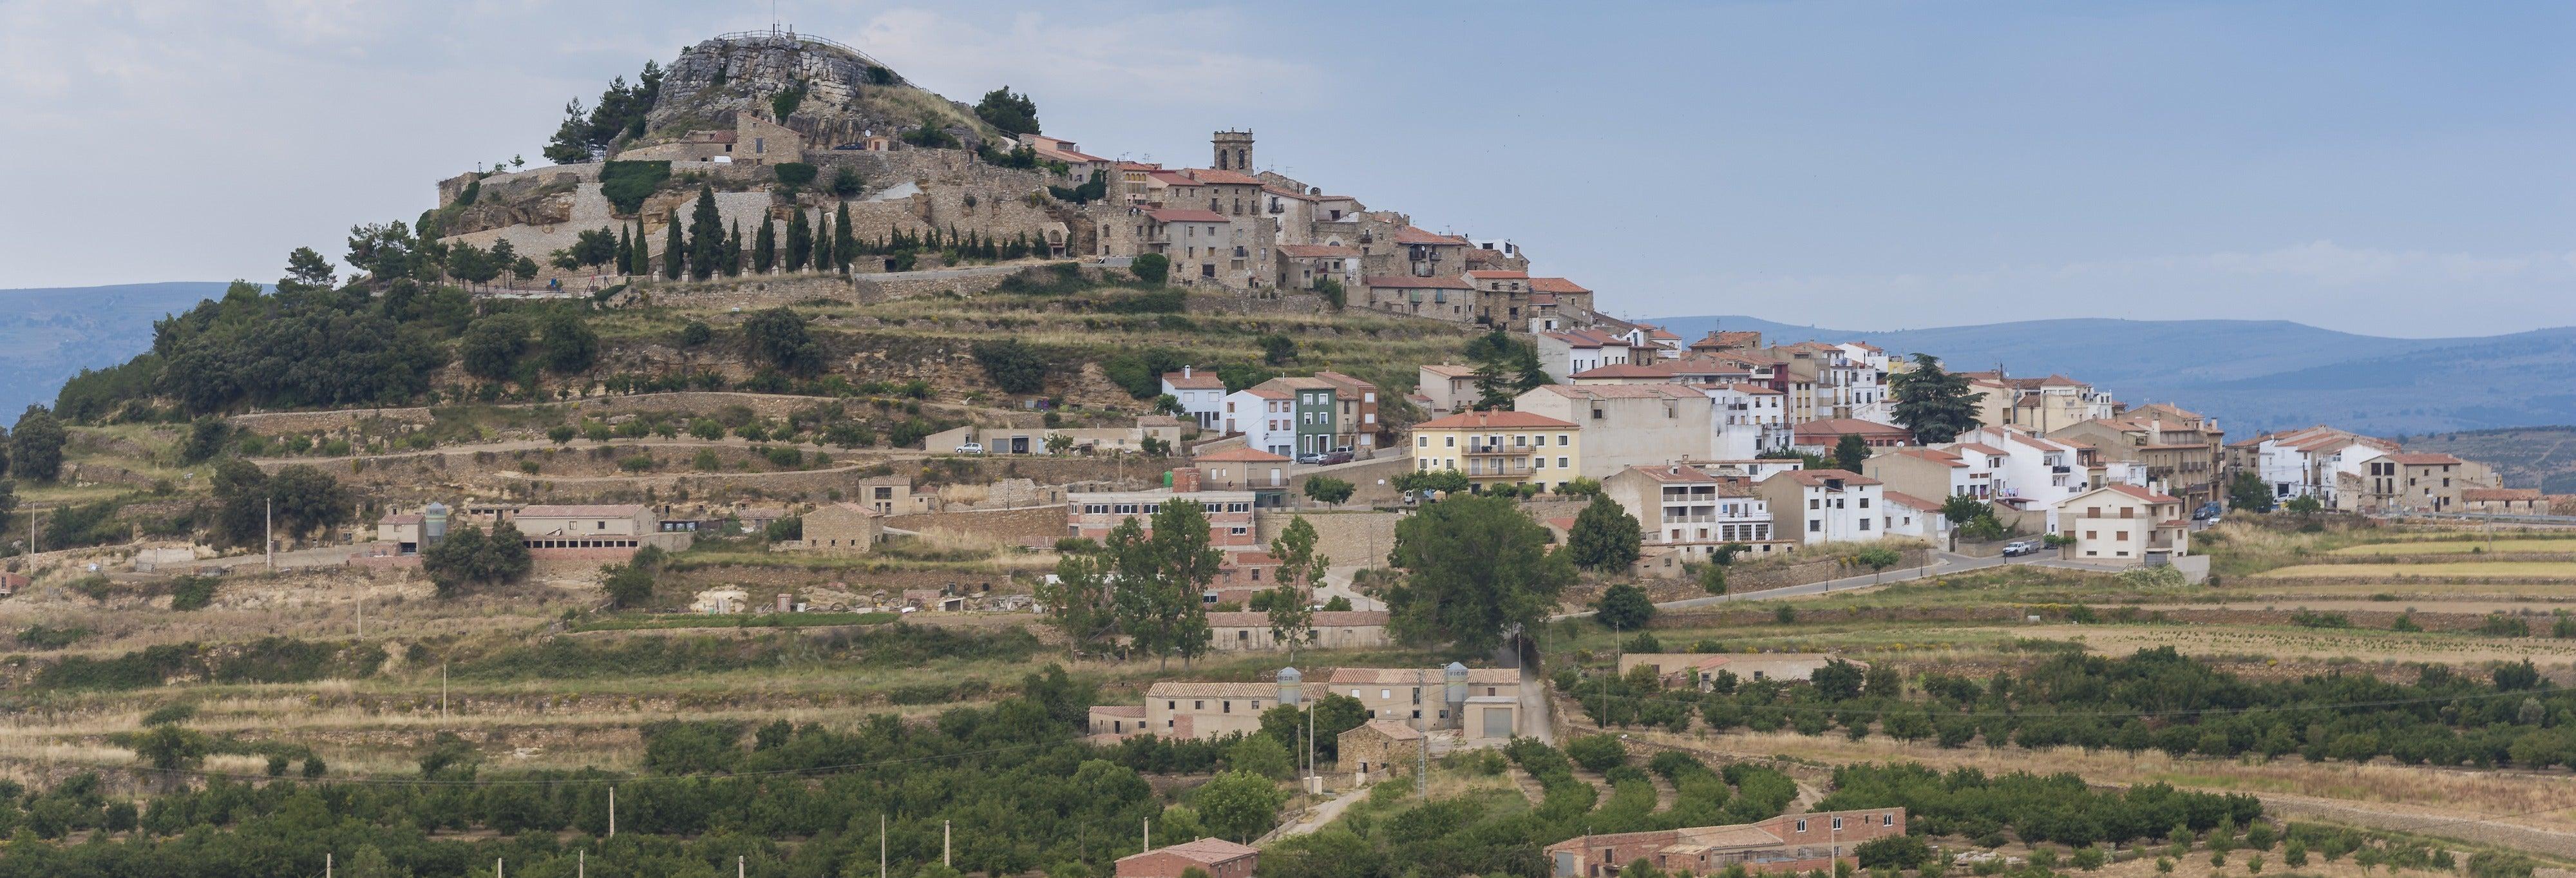 Excursión al Parque Minero del Maestrazgo y Culla